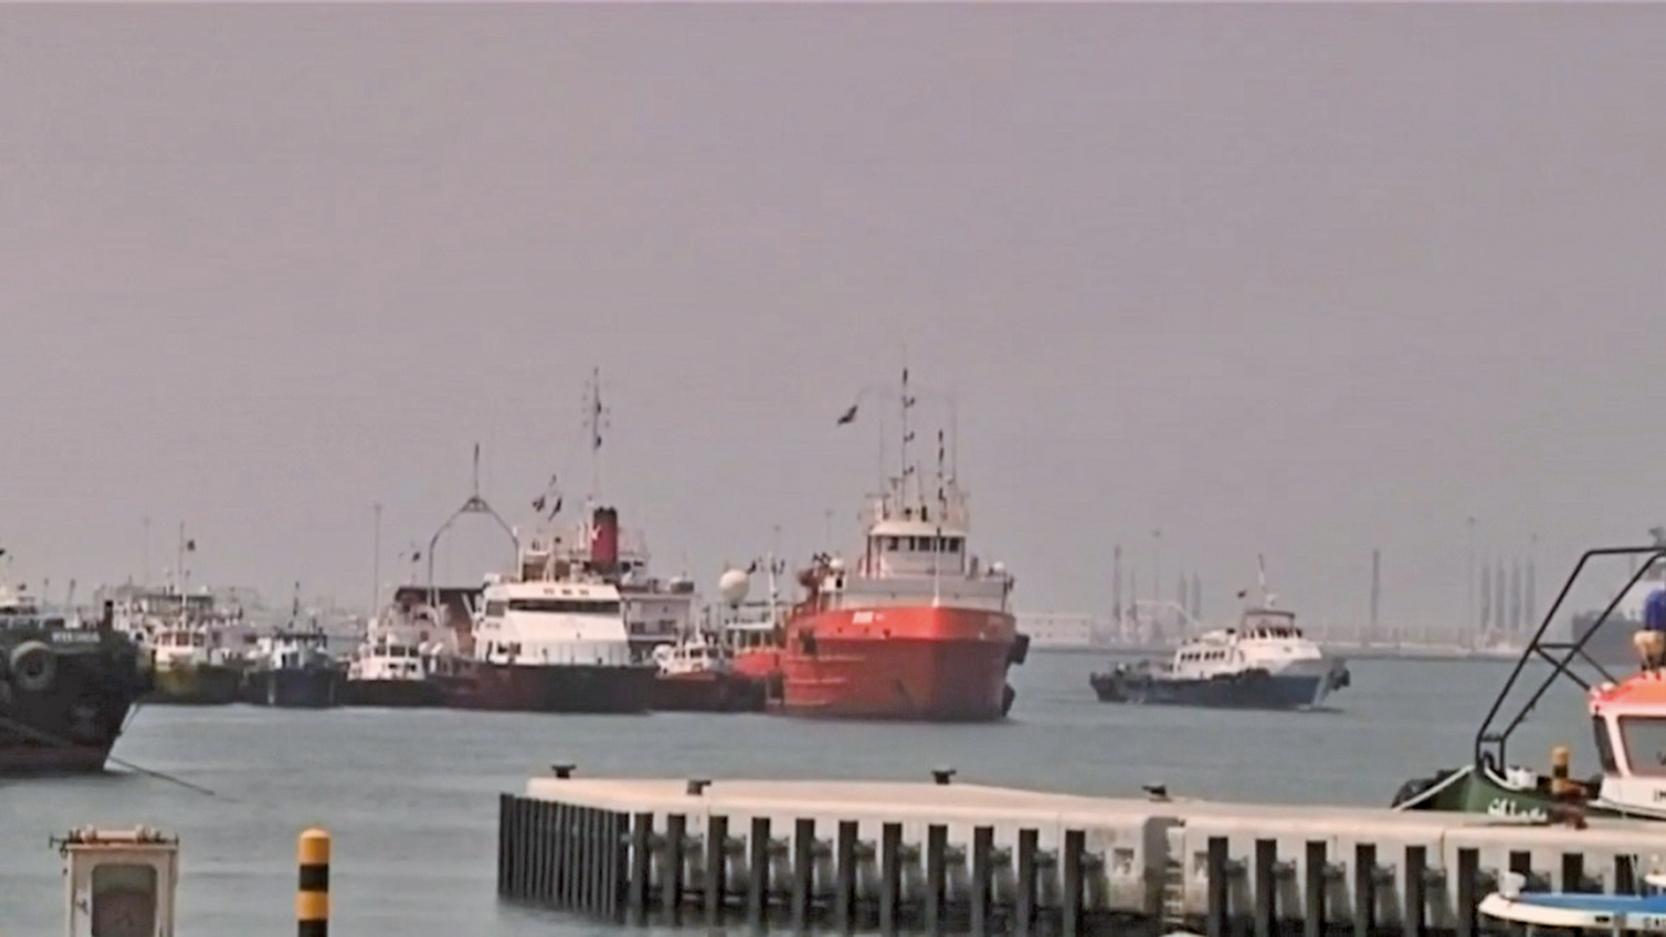 圖為,2019年5月12日,阿聯酋富查伊拉港口的畫面。(影片截圖)